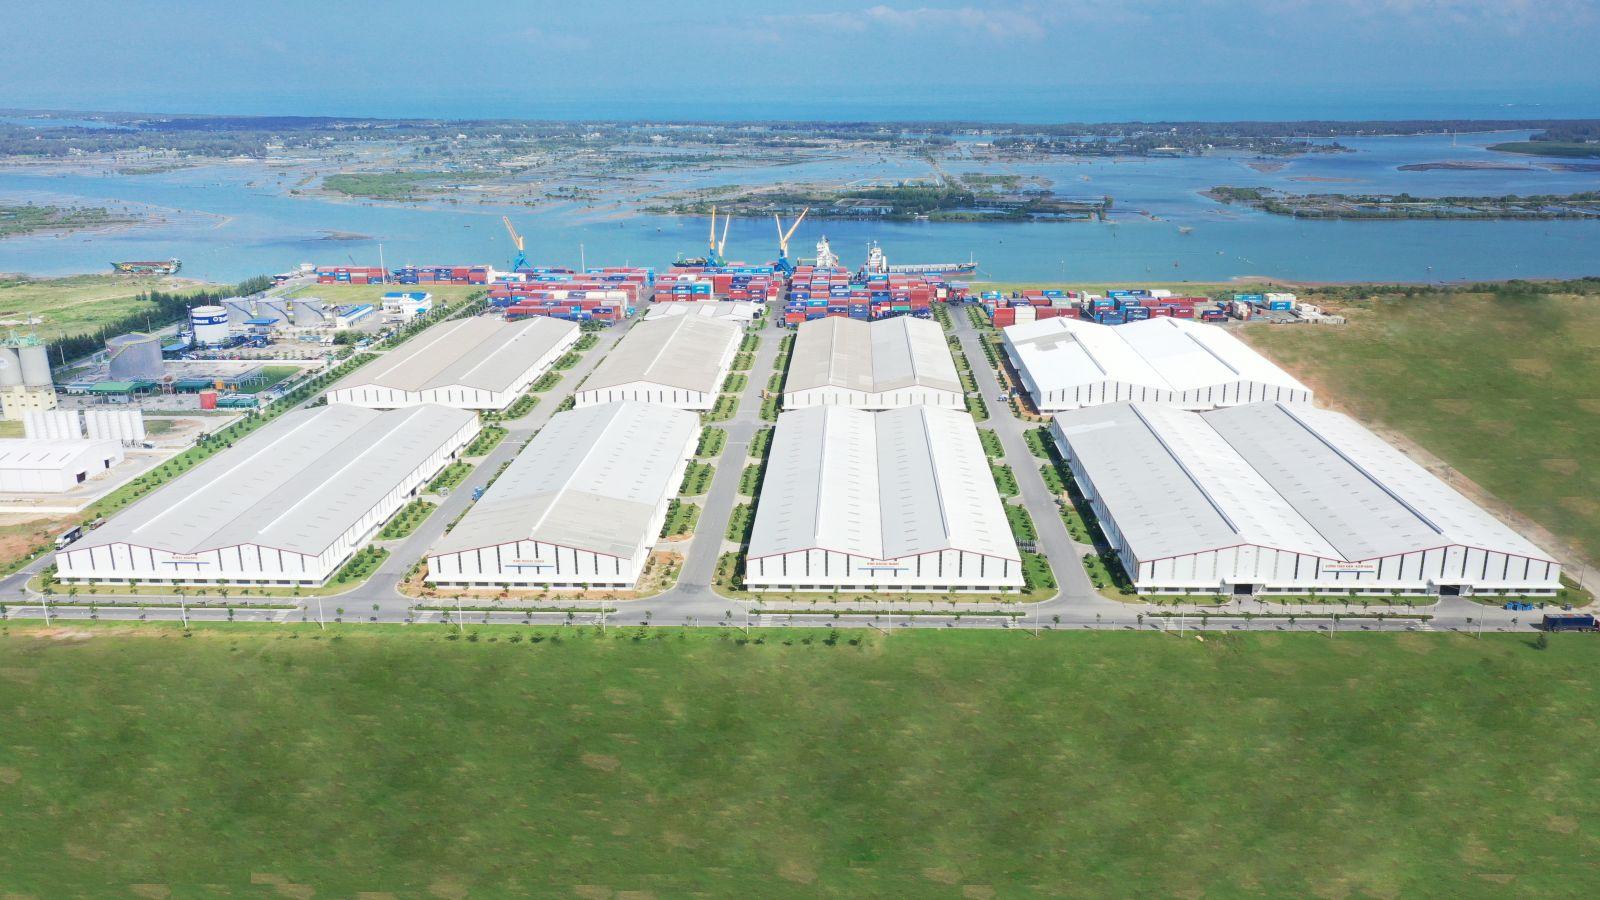 Hệ thống kho tại cảng Chu Lai có diện tích hơn 92.000m2, trong đó kho hàng là 13.440m2